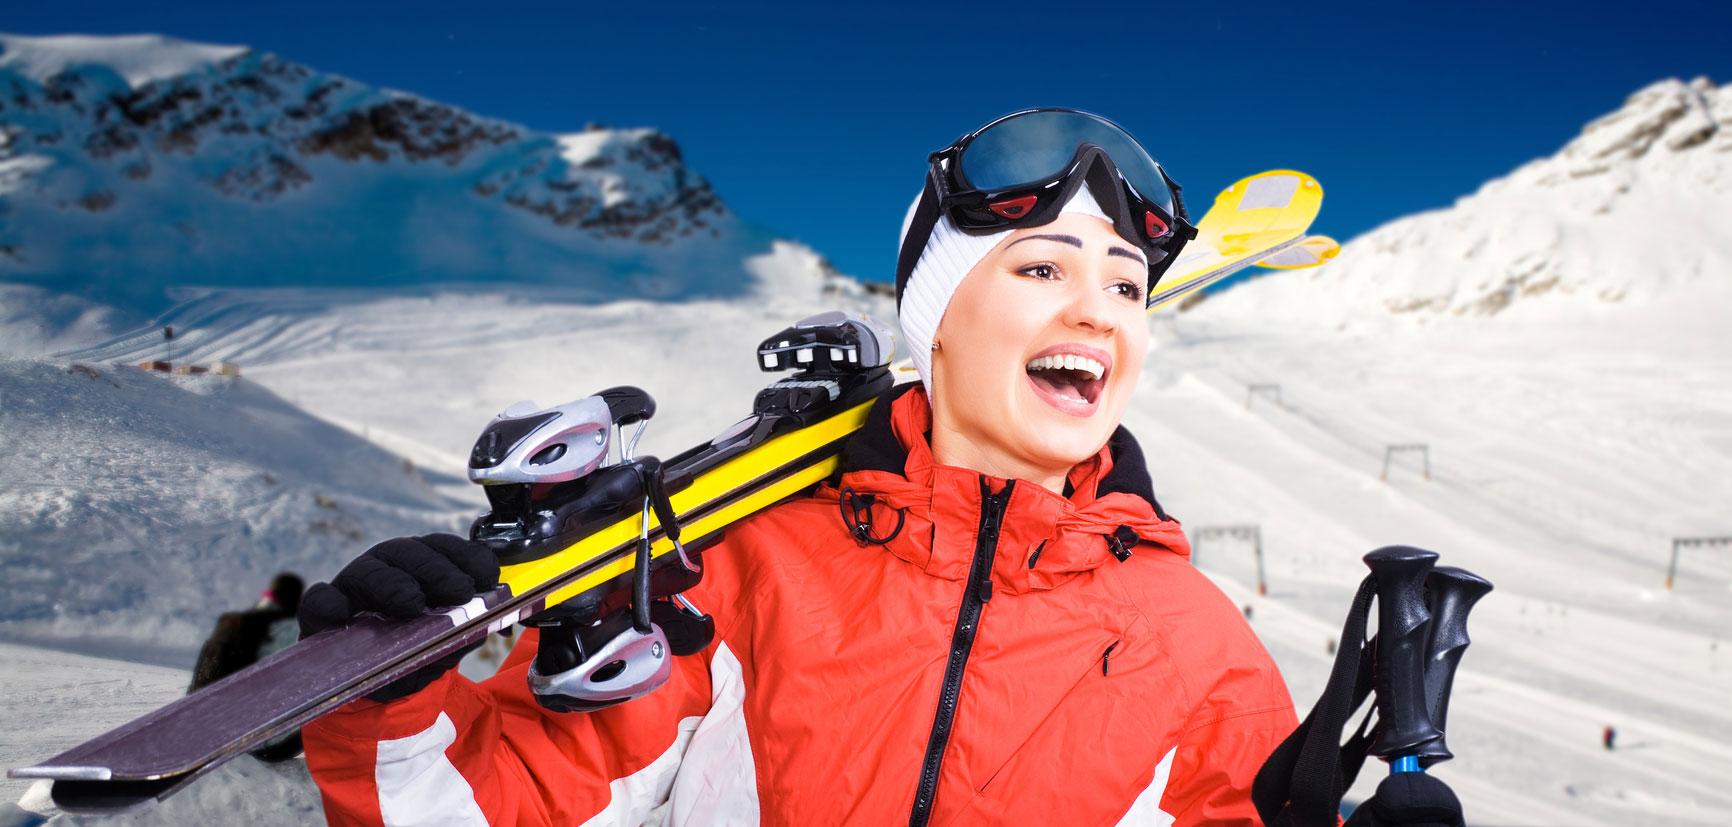 zahnunfall-beim-sport-regeln-verhalten-schmal